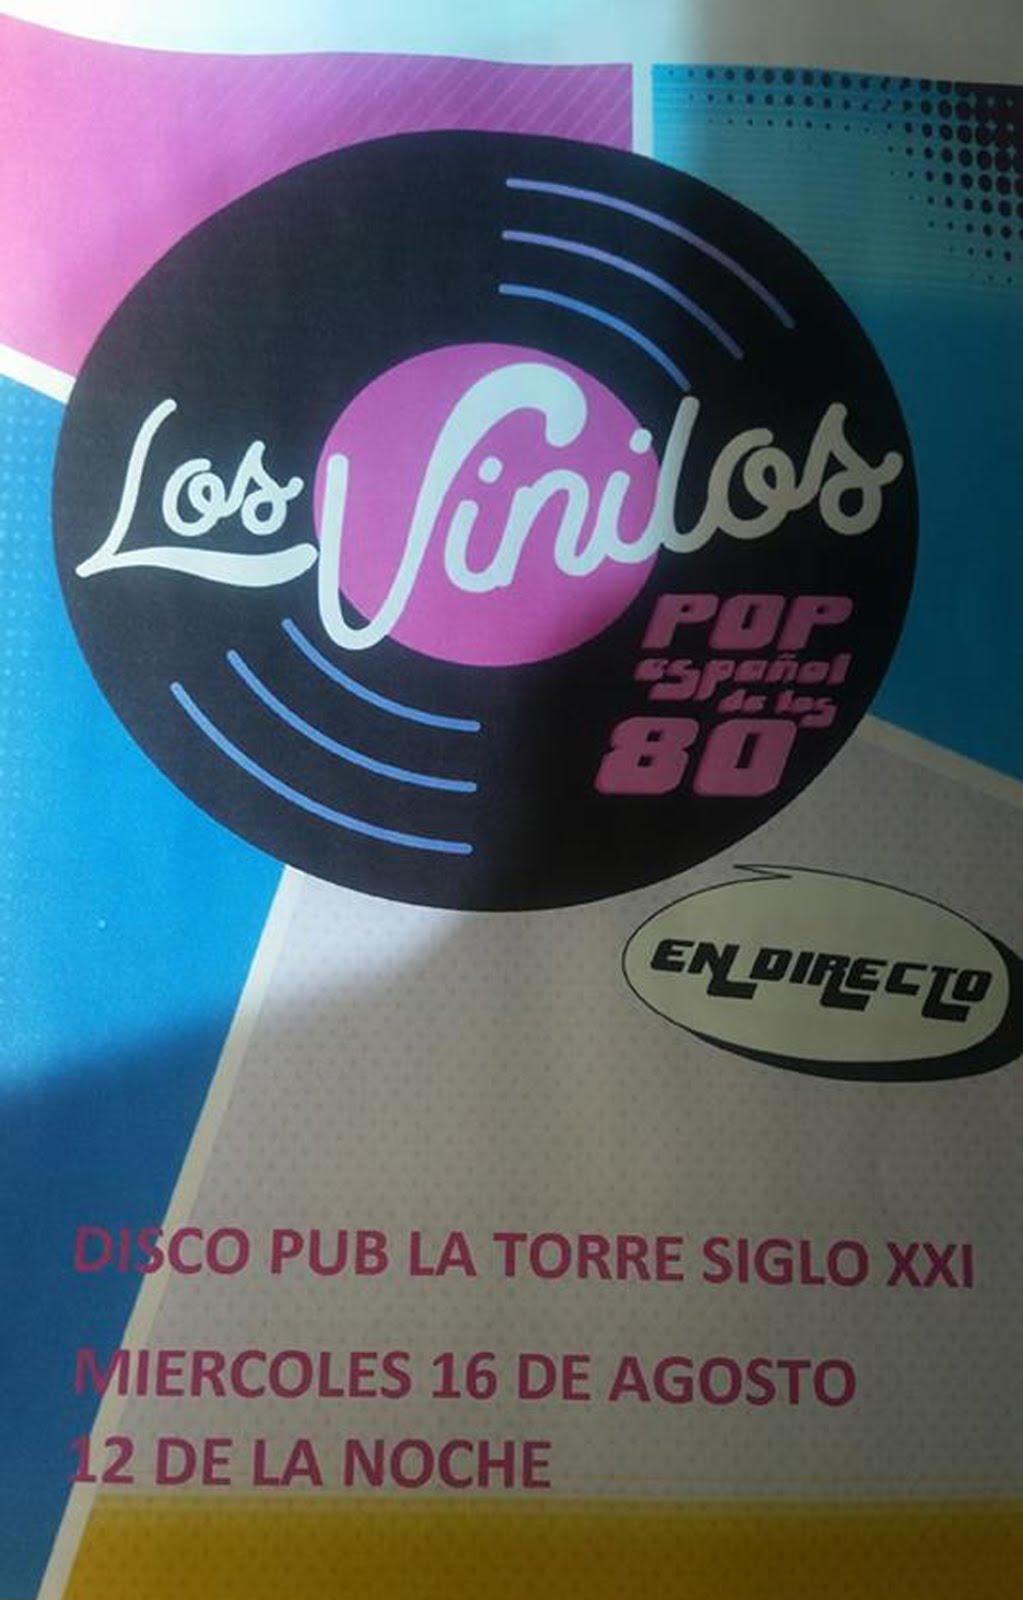 Miércoles 16 de Agosto a partir de las doce de la noche, PREFERIA en Disco Pub La Torre Siglo XXI -